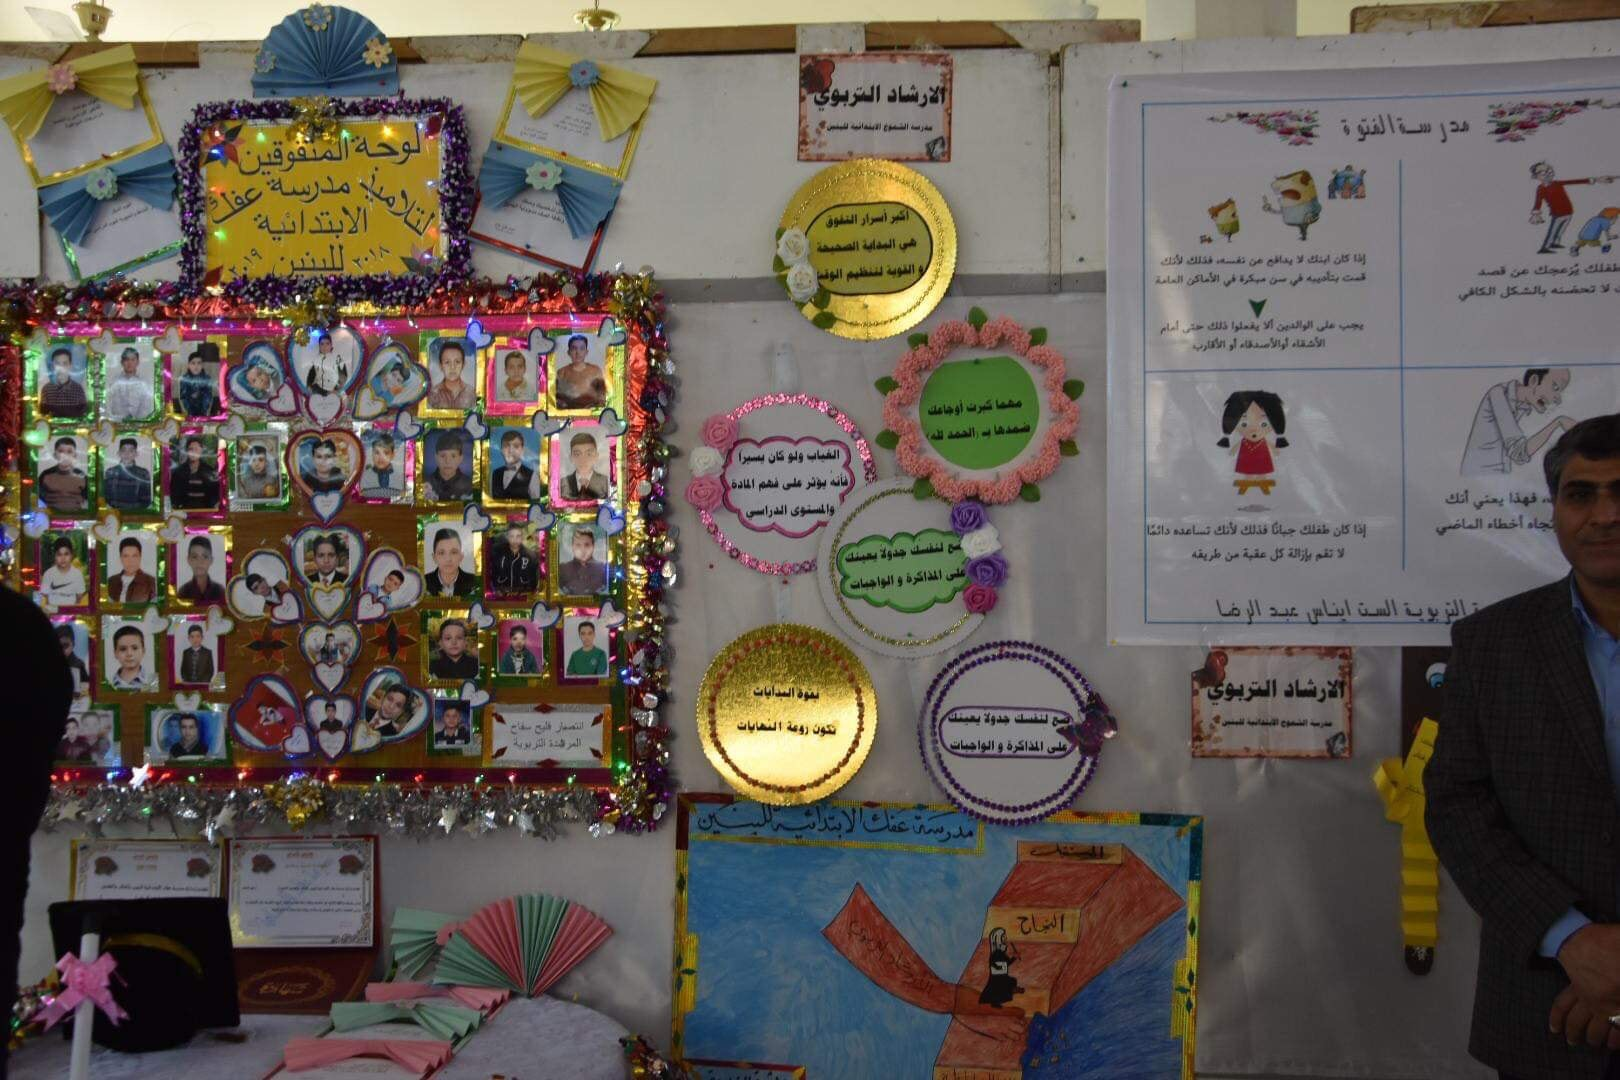 رئيس مجلس المحافظة يحضر افتتاح المهرجان السنوي الاول لقسم الاشراف التربوي